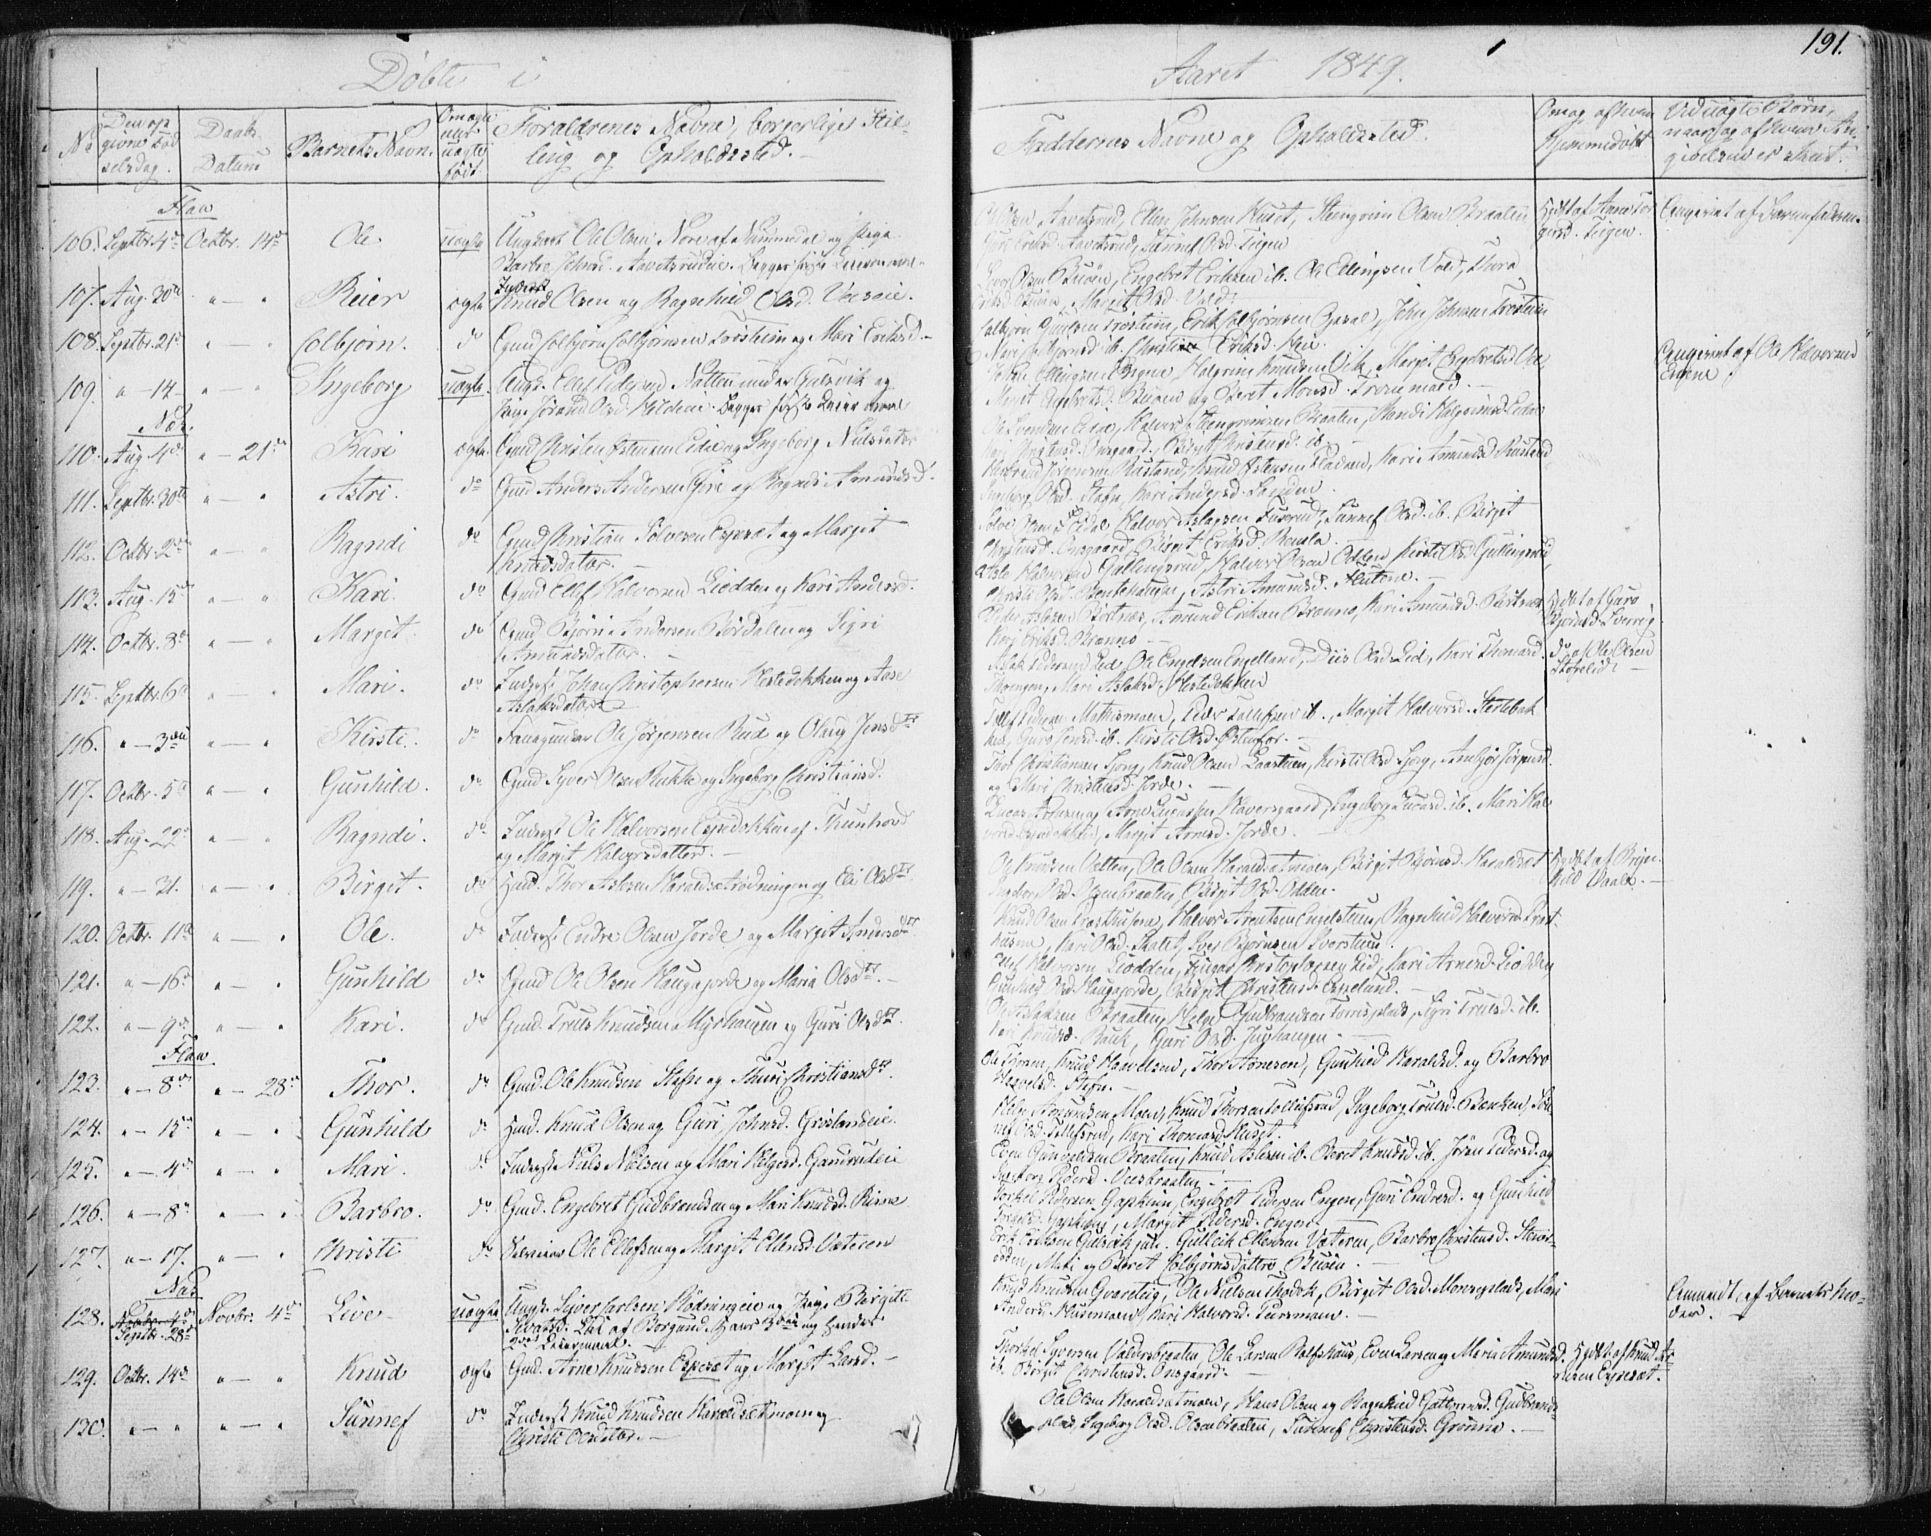 SAKO, Nes kirkebøker, F/Fa/L0009: Ministerialbok nr. 9, 1834-1863, s. 191